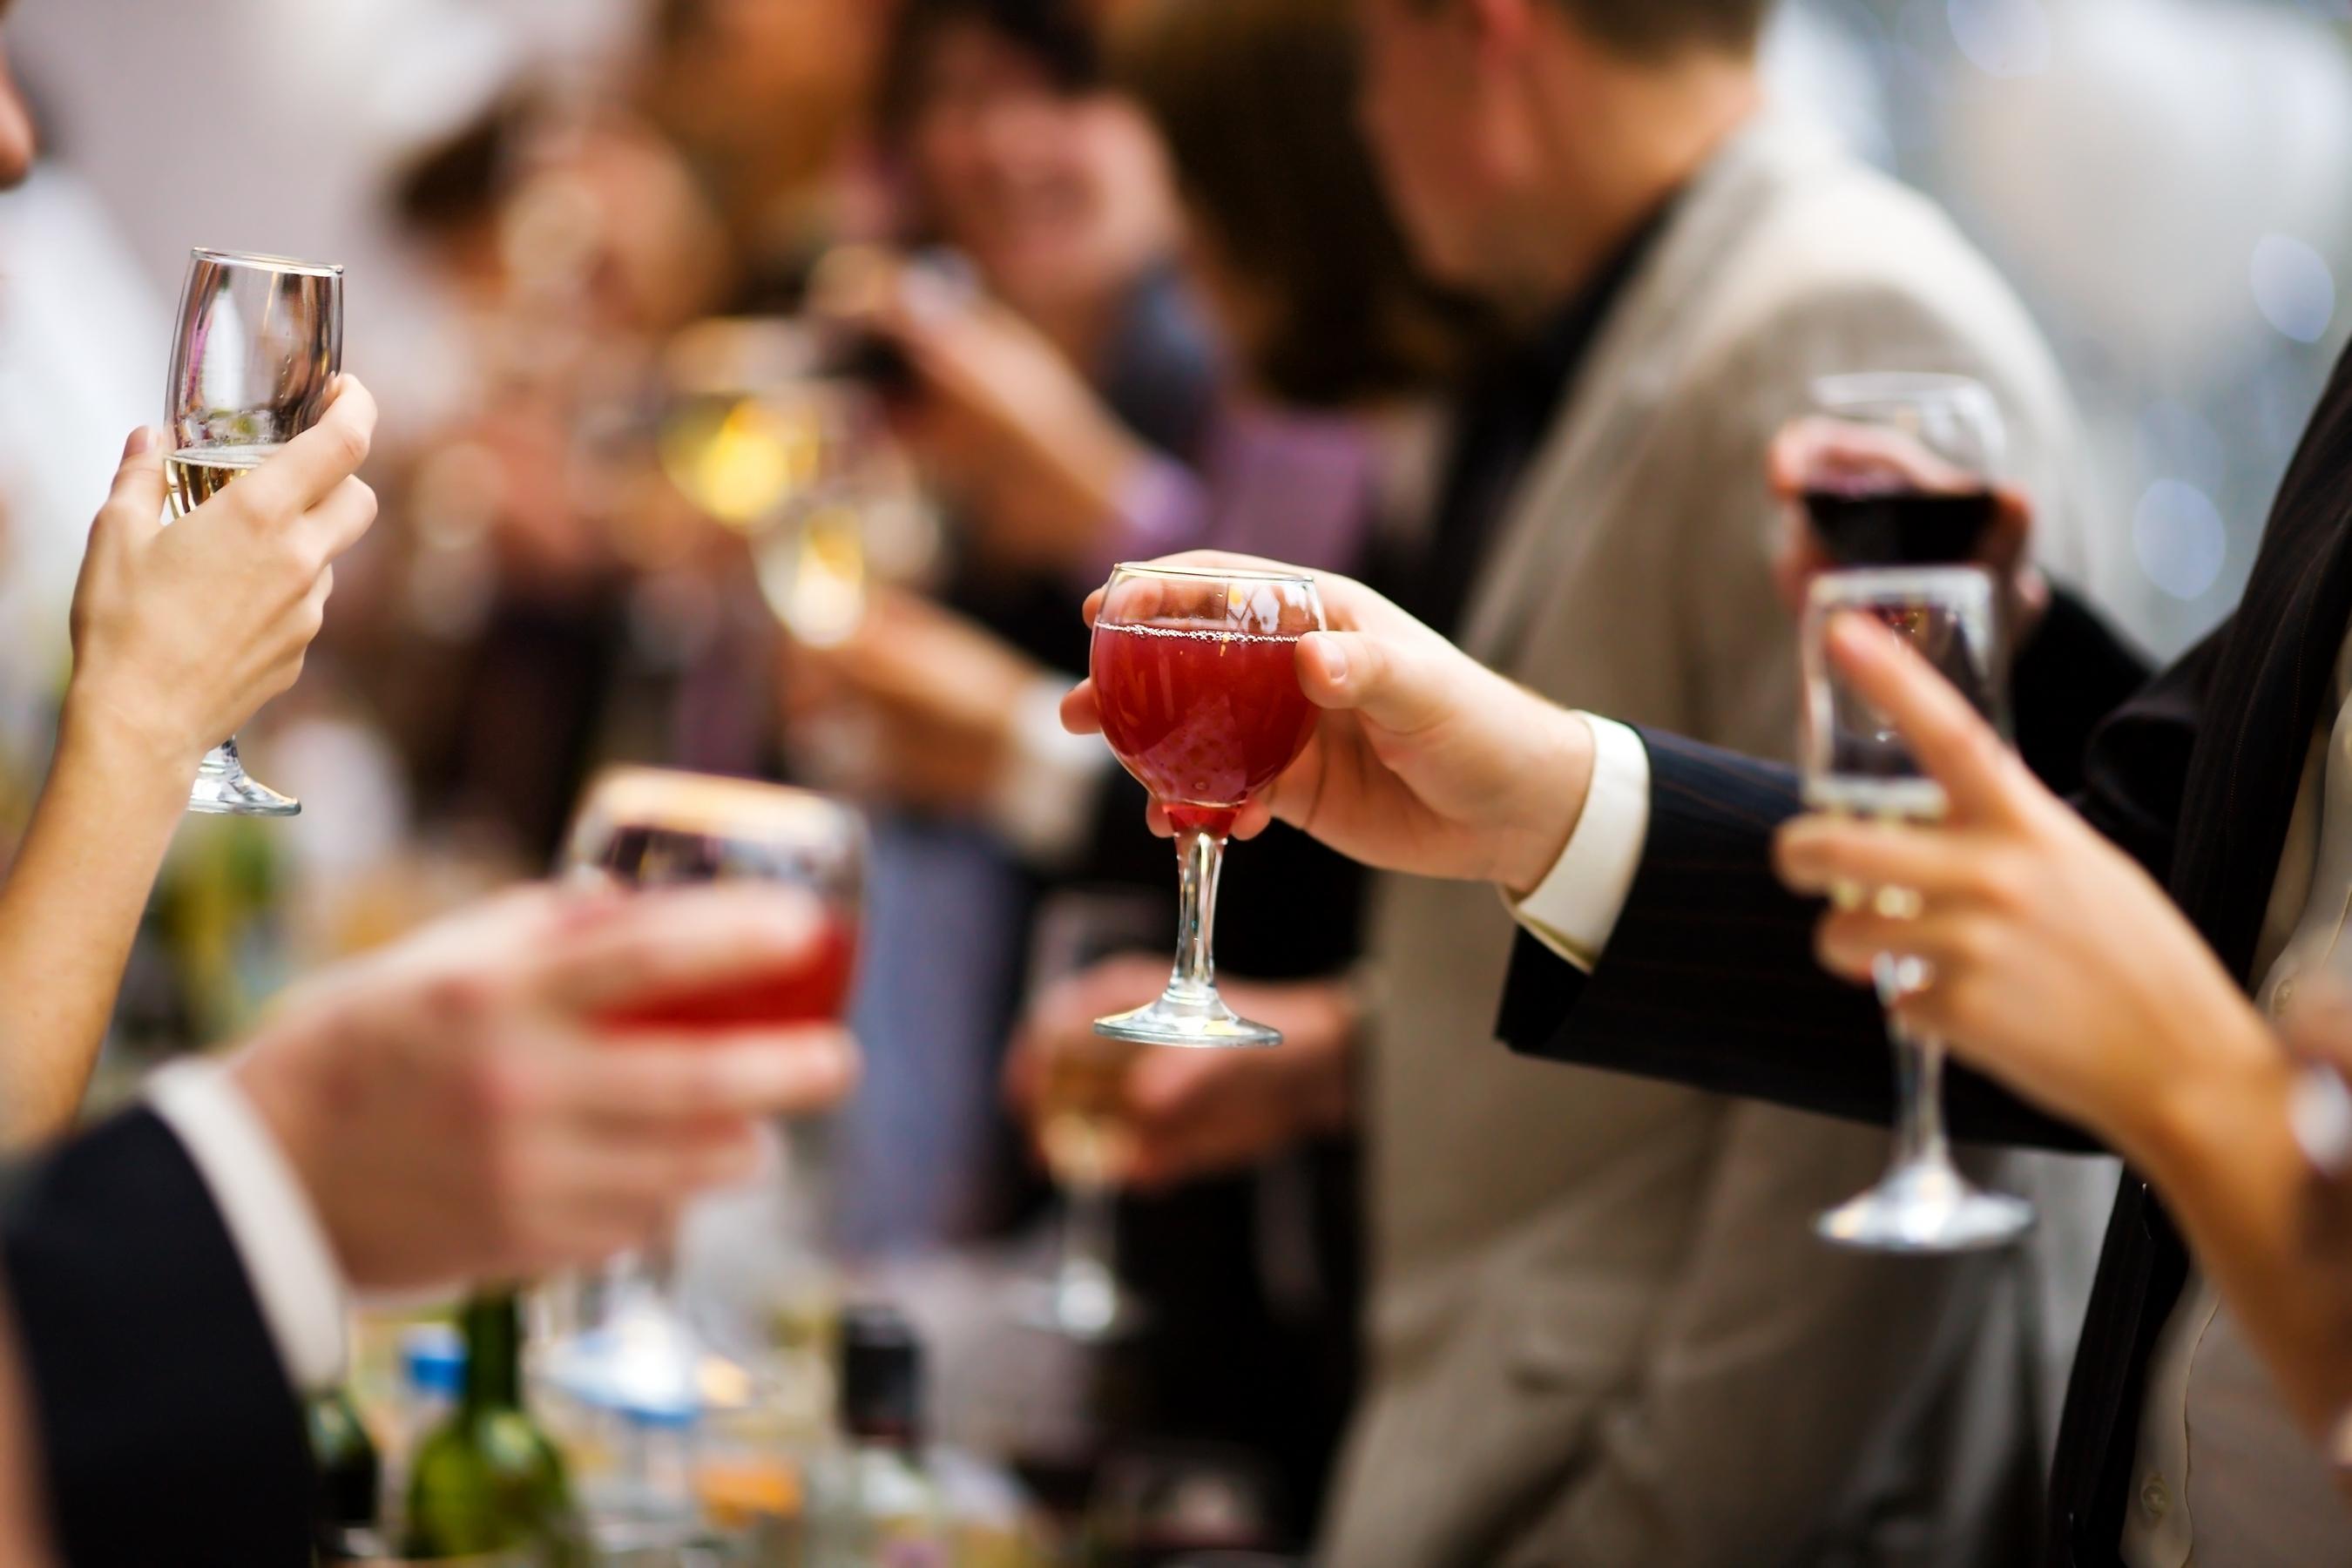 Napi egy pohár bor jót tesz, de nem mindenkinek